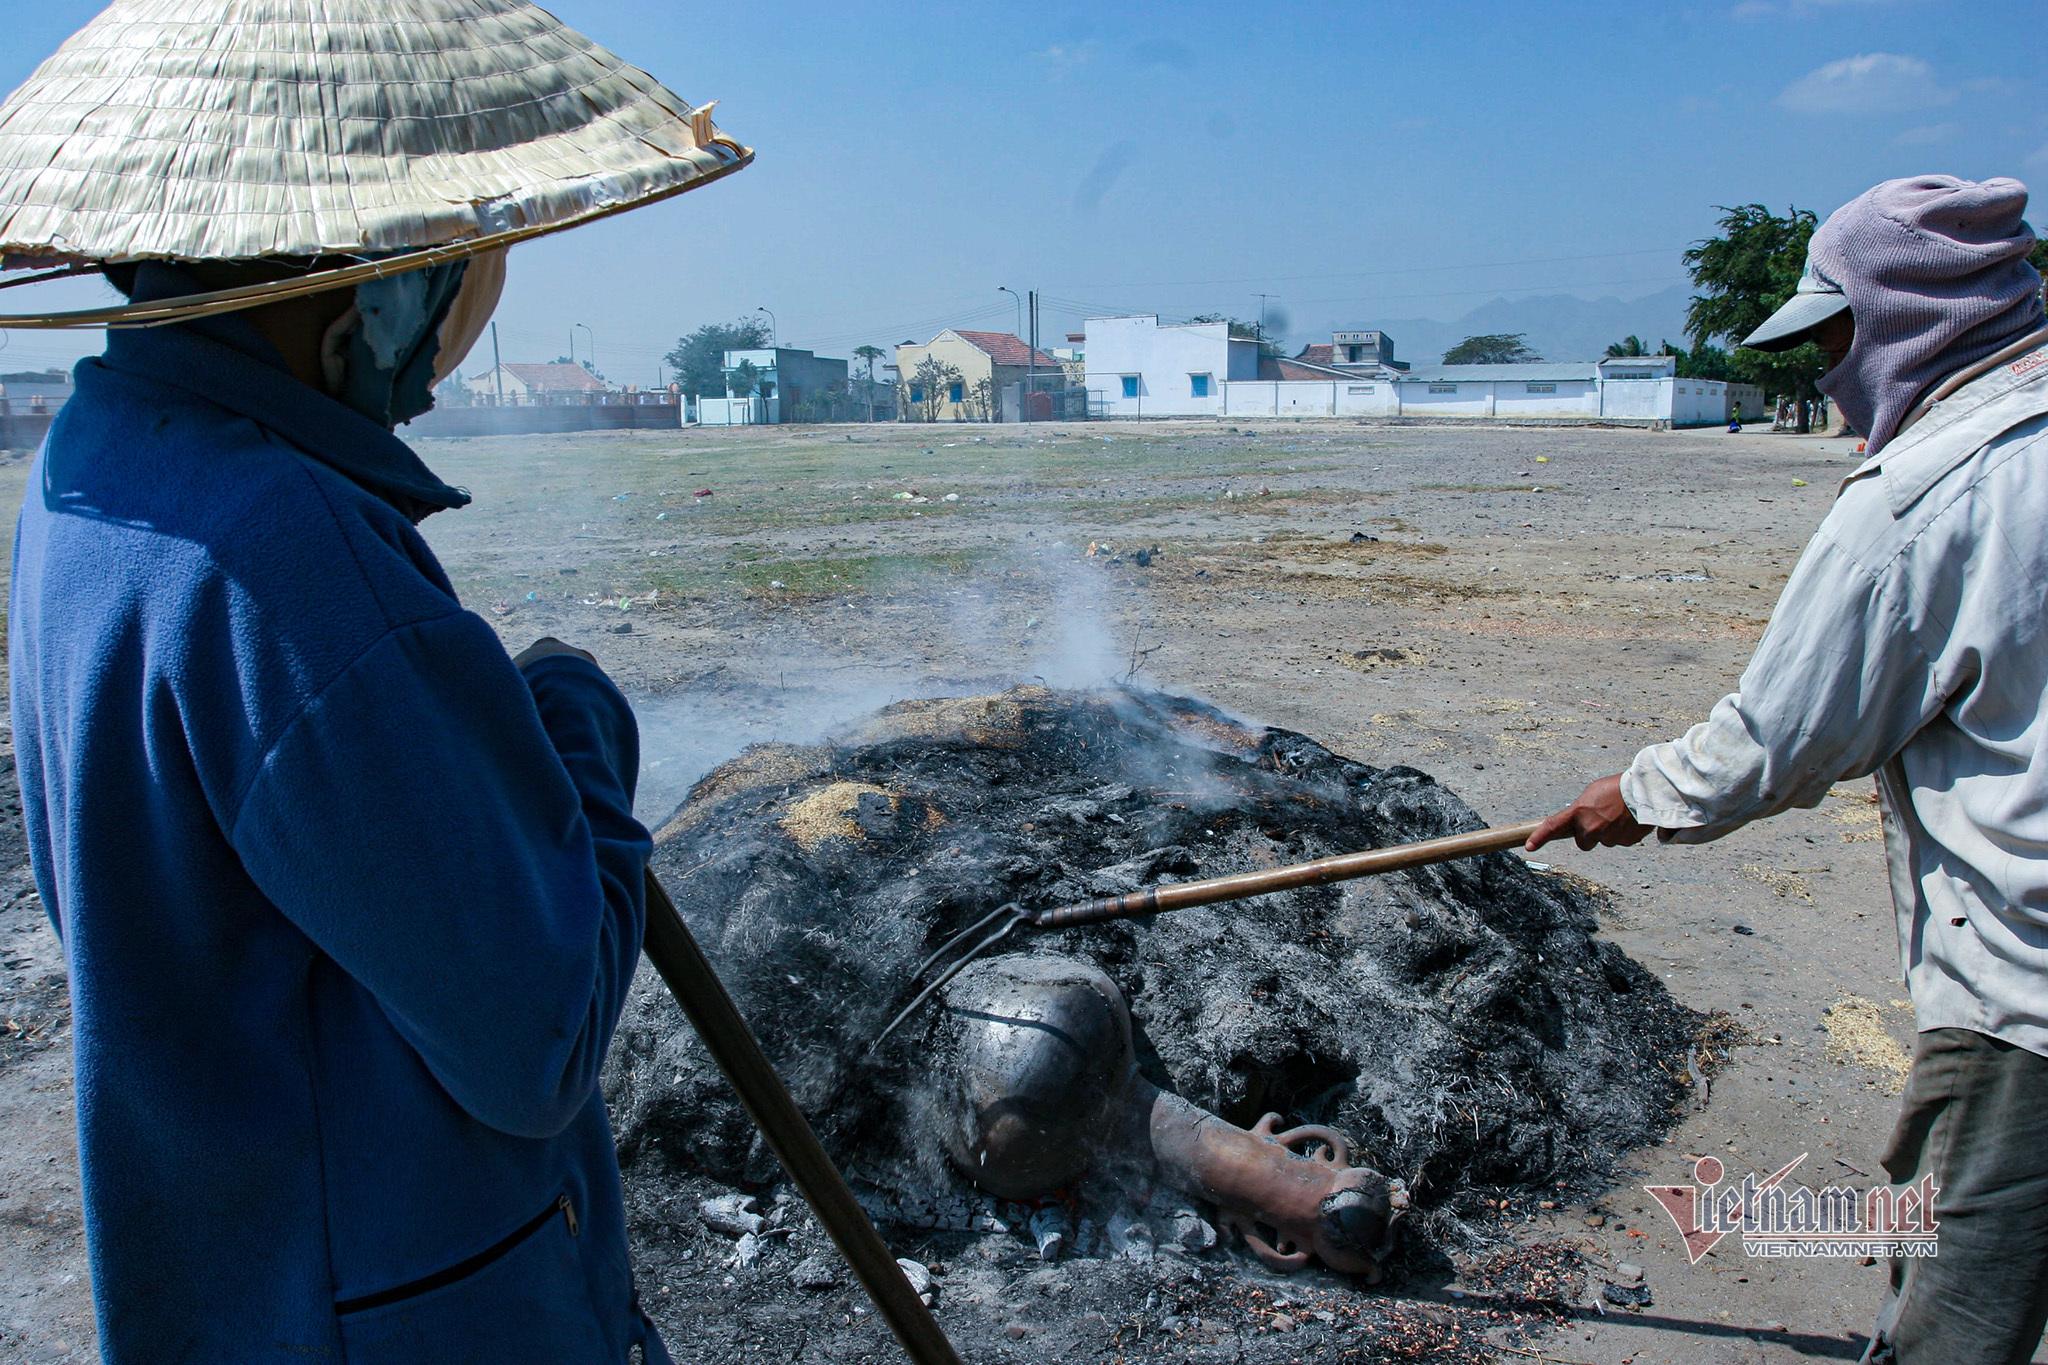 Bàu Trúc - Một trong những làng nghề gốm cổ xưa nhất Đông Nam Á